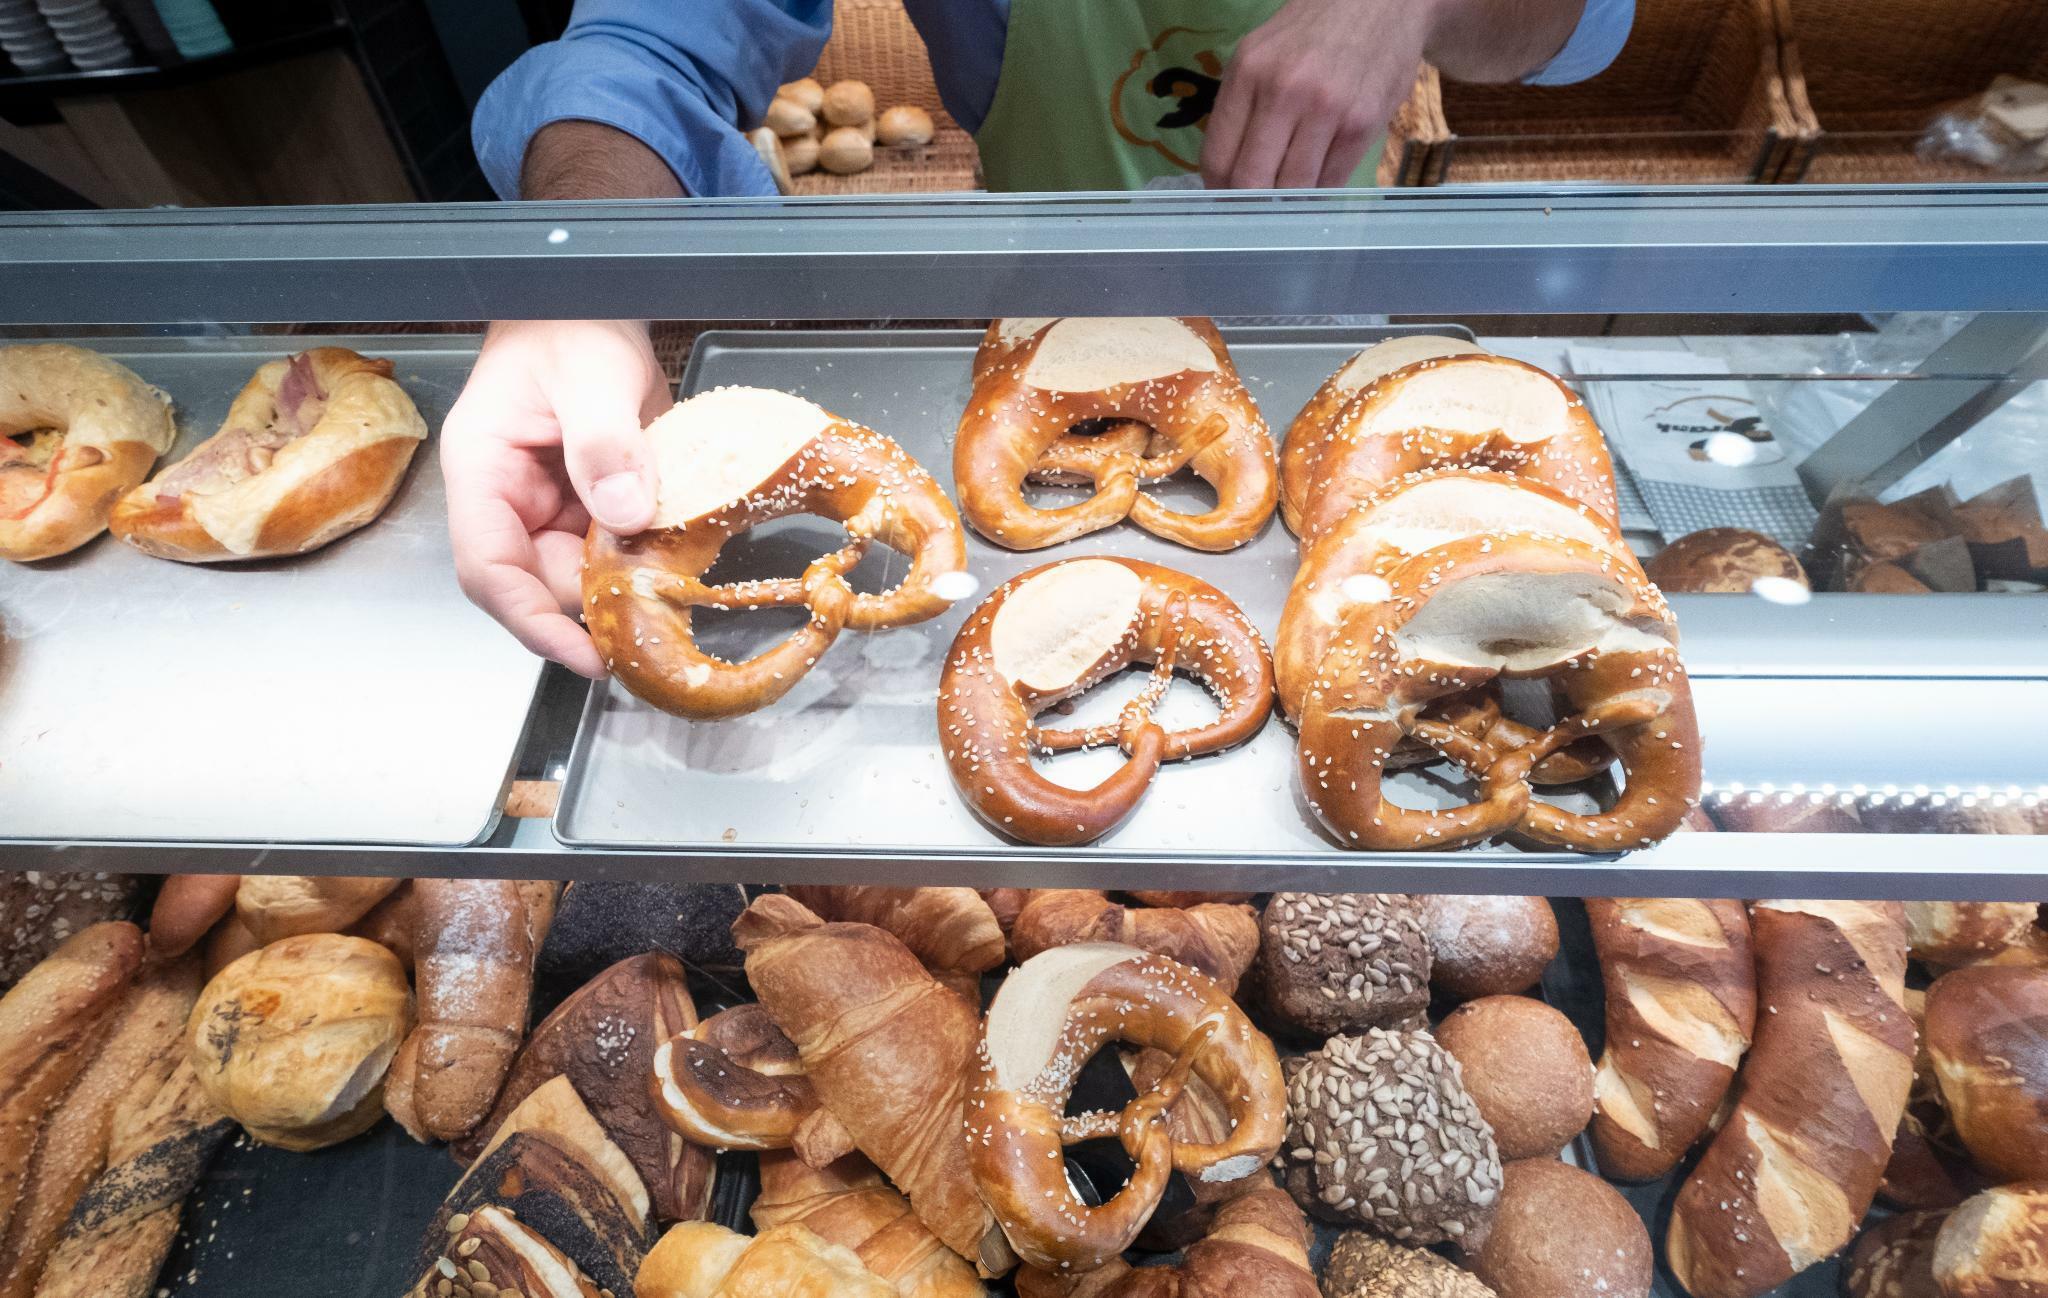 Bäckereien dürfen den ganzen Sonntag Brötchen verkaufen